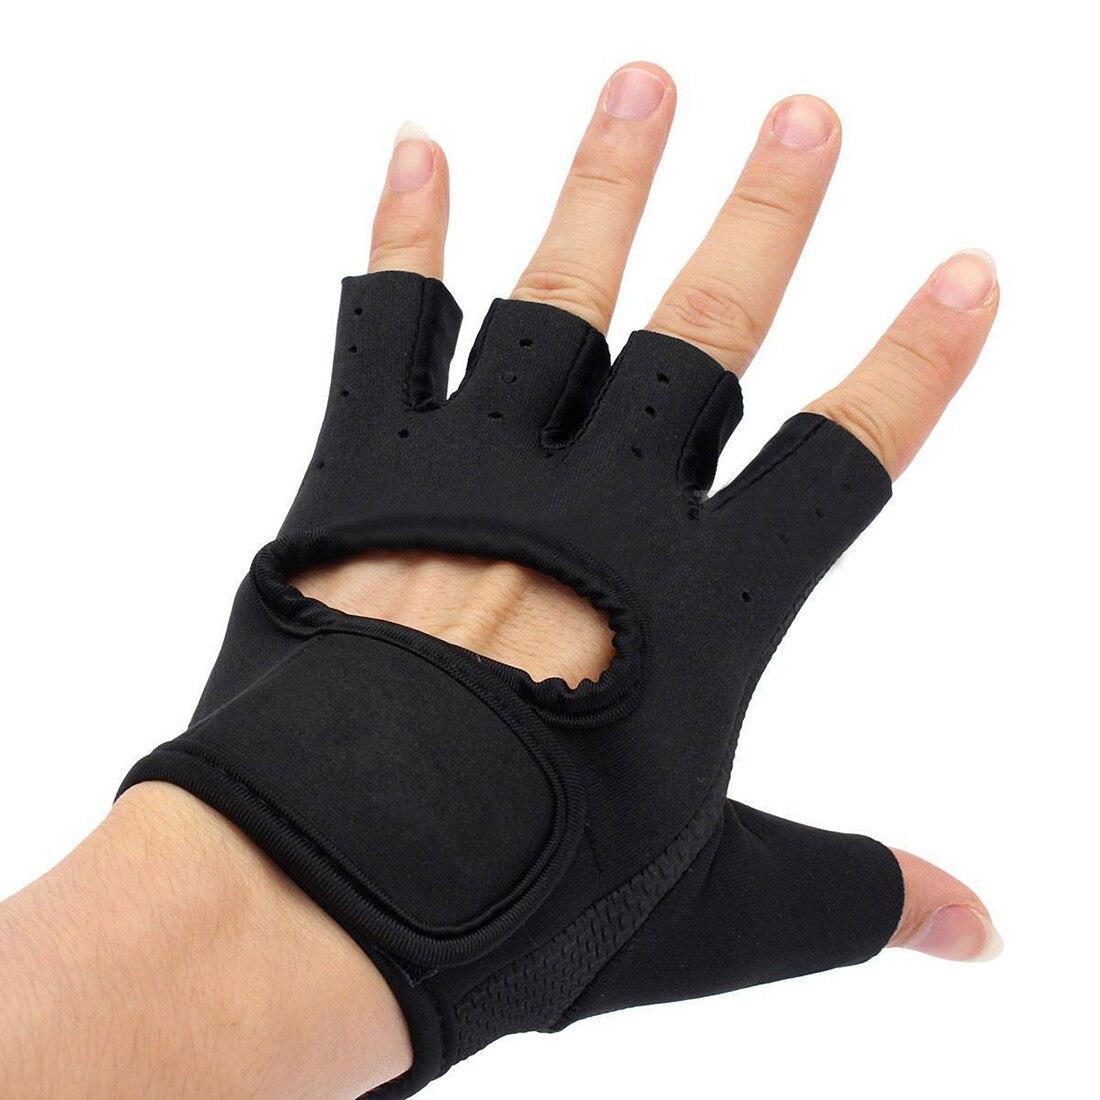 Running <font><b>Gloves</b></font> <font><b>Half</b></font> <font><b>Finger</b></font> <font><b>Motorcycle</b></font> Bike Bicycle Riding Cycling Sports <font><b>Gloves</b></font> GEL Pad <font><b>Size</b></font>:S M L <font><b>XL</b></font>